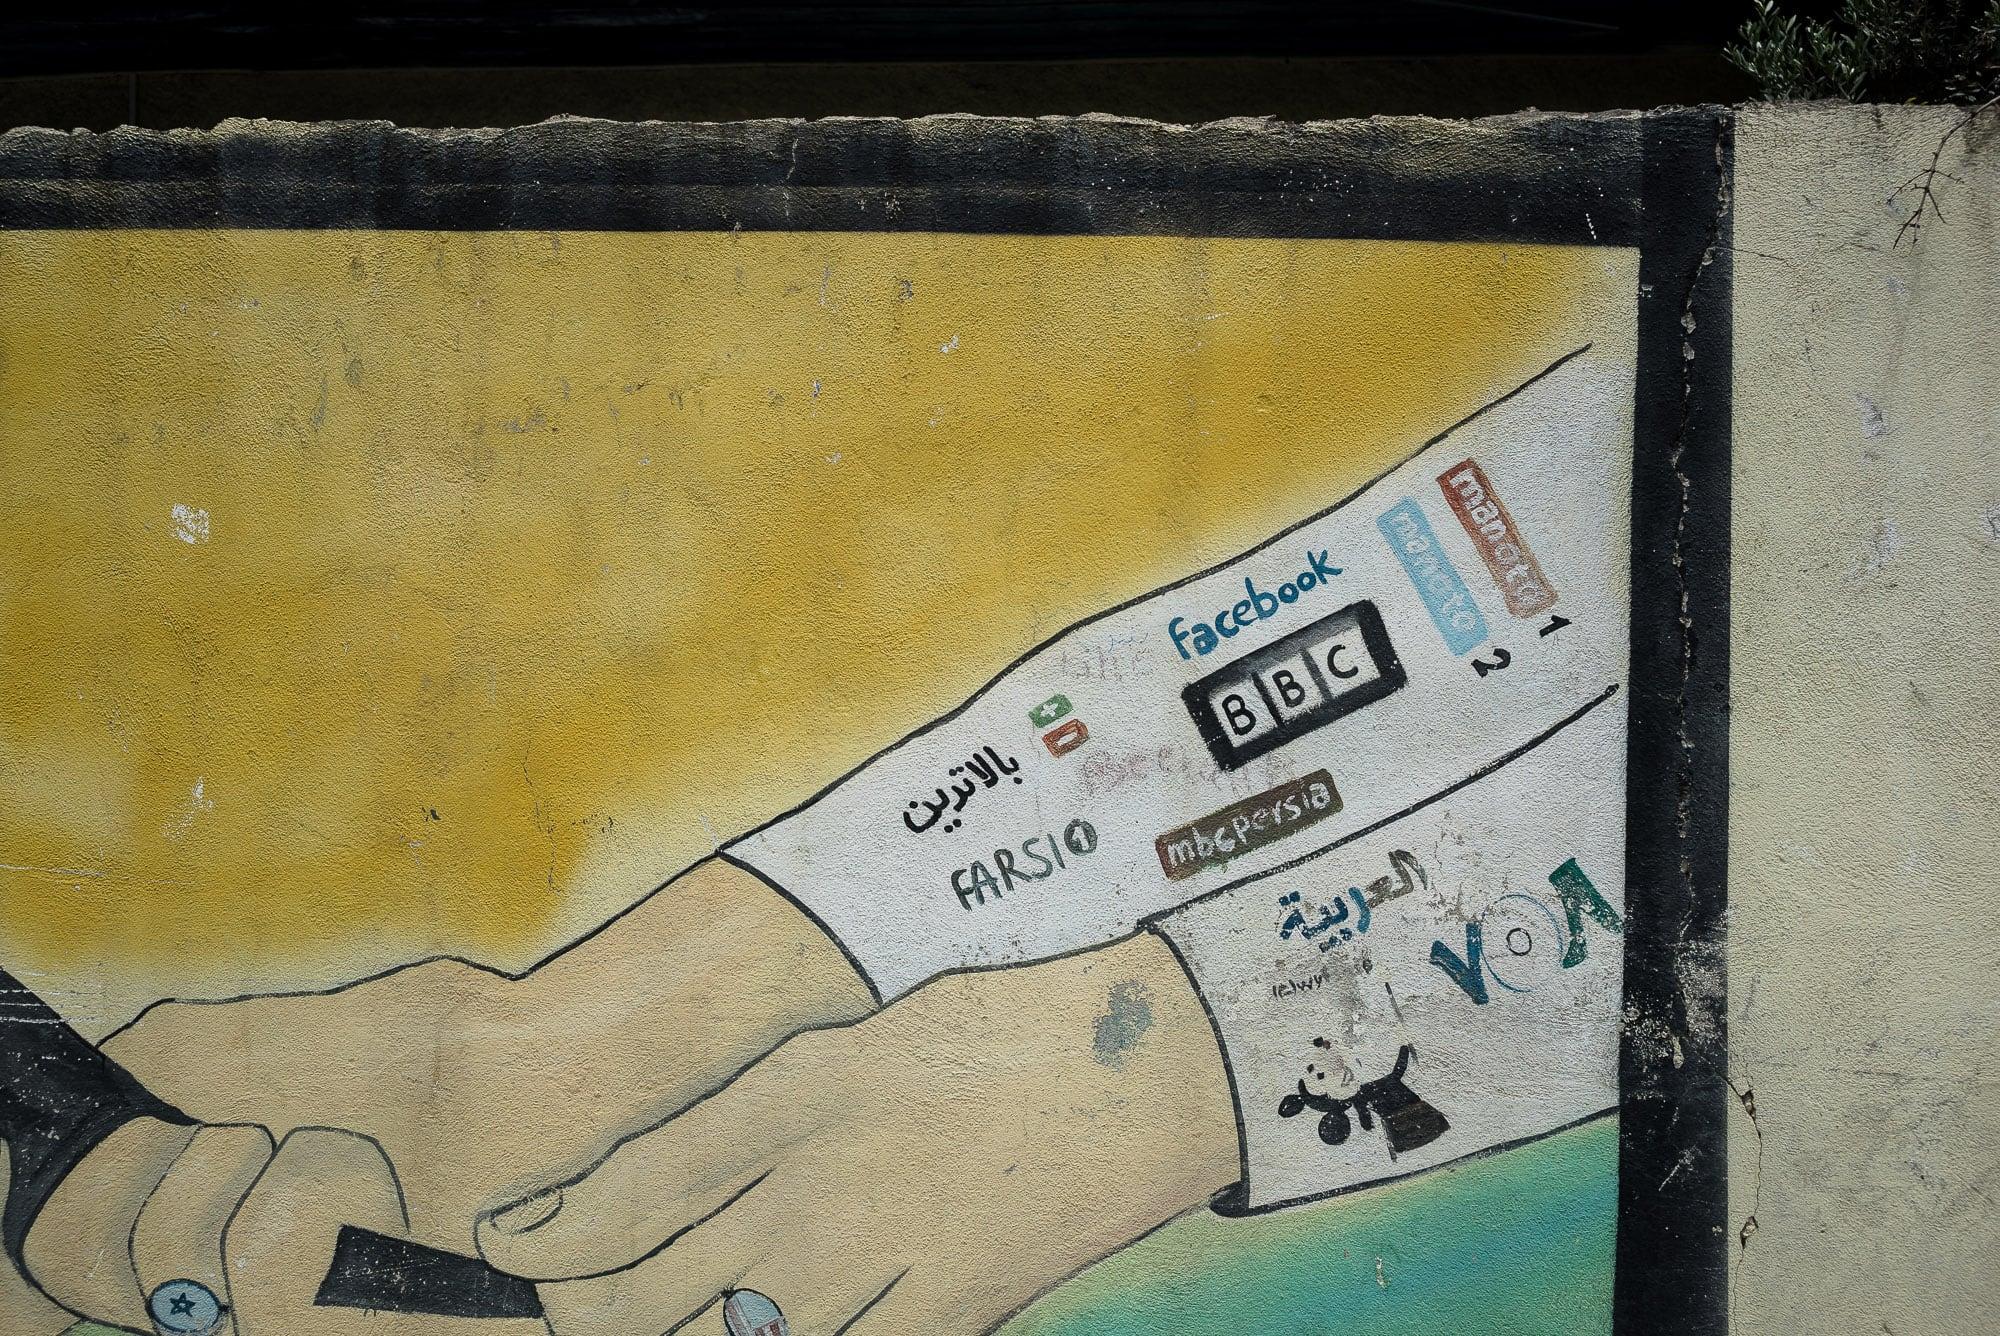 propaganda mural detail